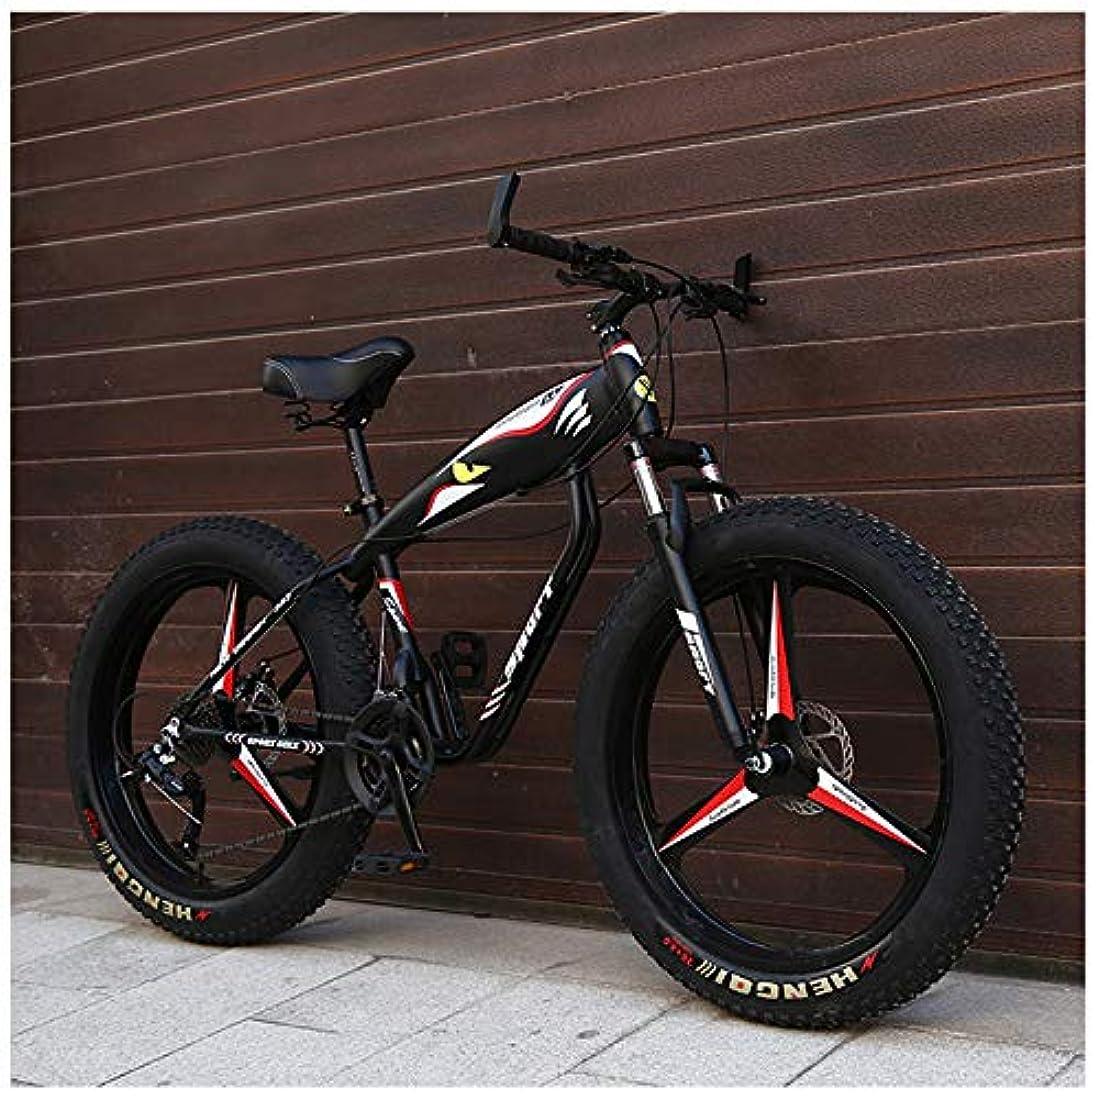 バタフライクリップ蝶悲劇的な26インチハードテールマウンテンバイク、大人のファットタイヤマウンテンバイク、メカニカルディスクブレーキ、フロントサスペンションメンズレディースバイク,Black 3 spokes,24 Speed